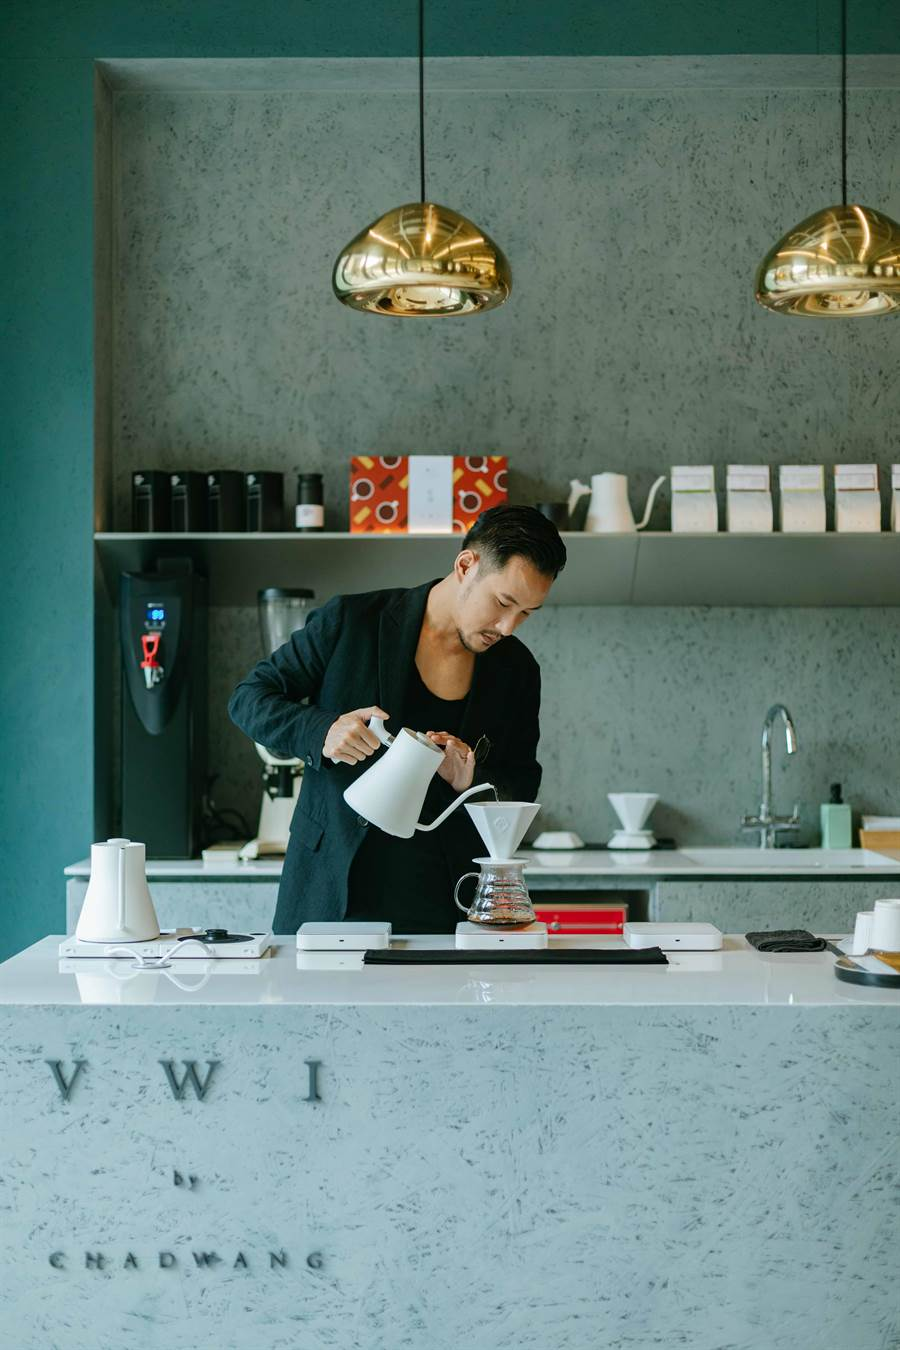 圖一:台中的明日選品MOT SELECT,邀世界冠軍咖啡師王策的品牌VWI by CHADWANG一同進駐台中草悟道。(明日選品提供)